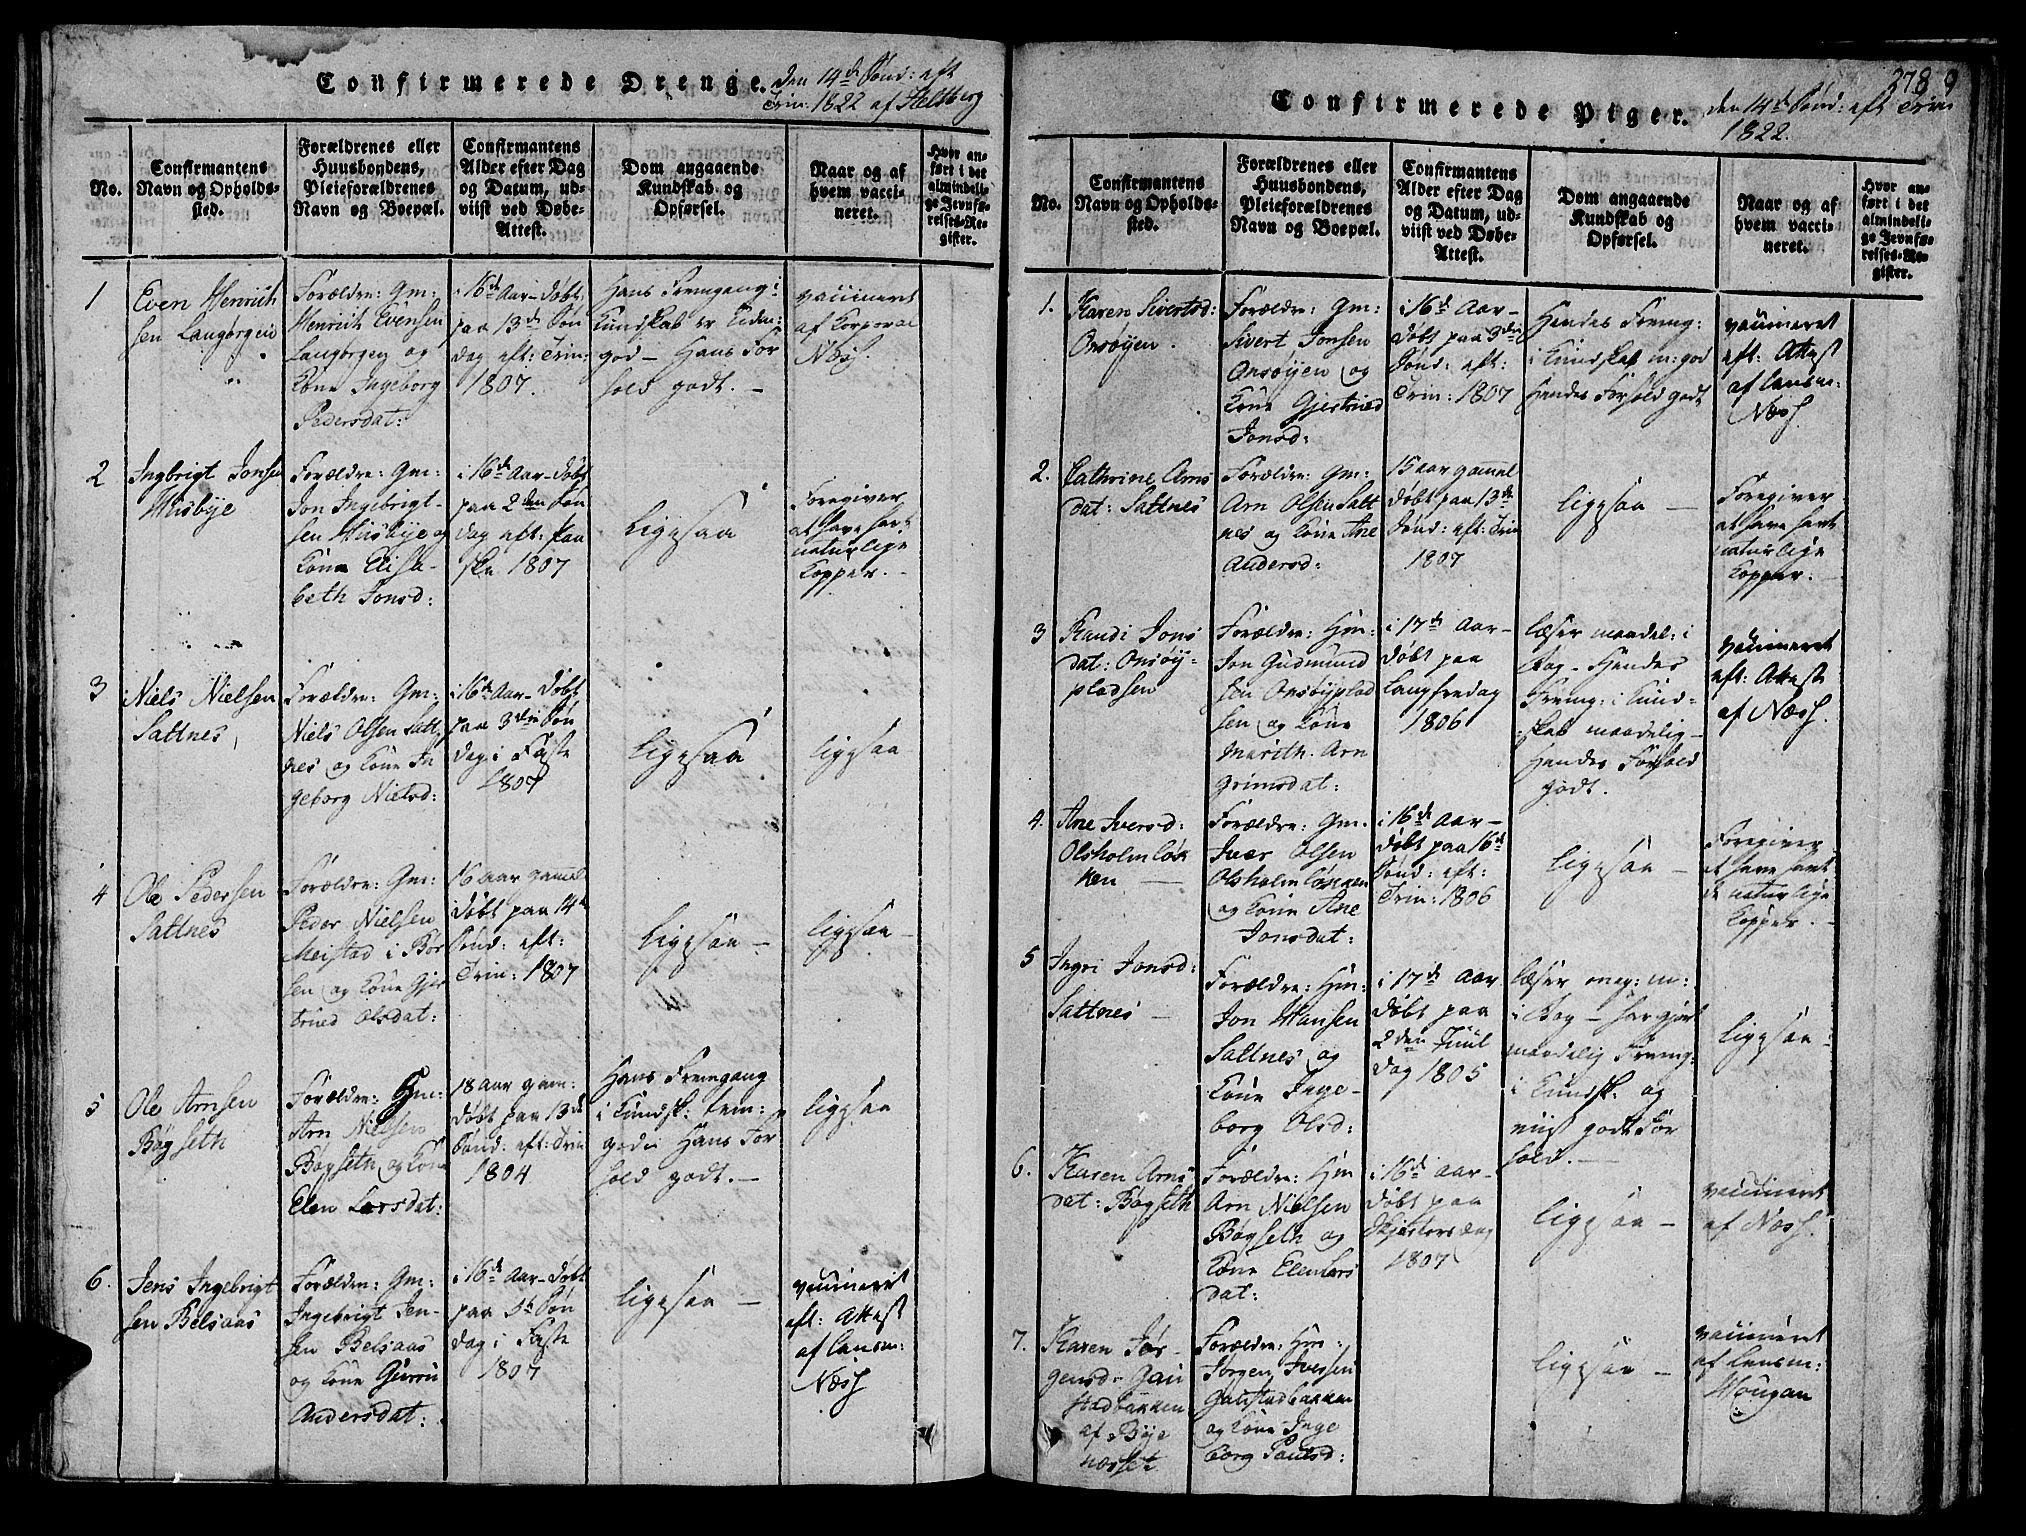 SAT, Ministerialprotokoller, klokkerbøker og fødselsregistre - Sør-Trøndelag, 612/L0373: Ministerialbok nr. 612A06 /2, 1816-1828, s. 278